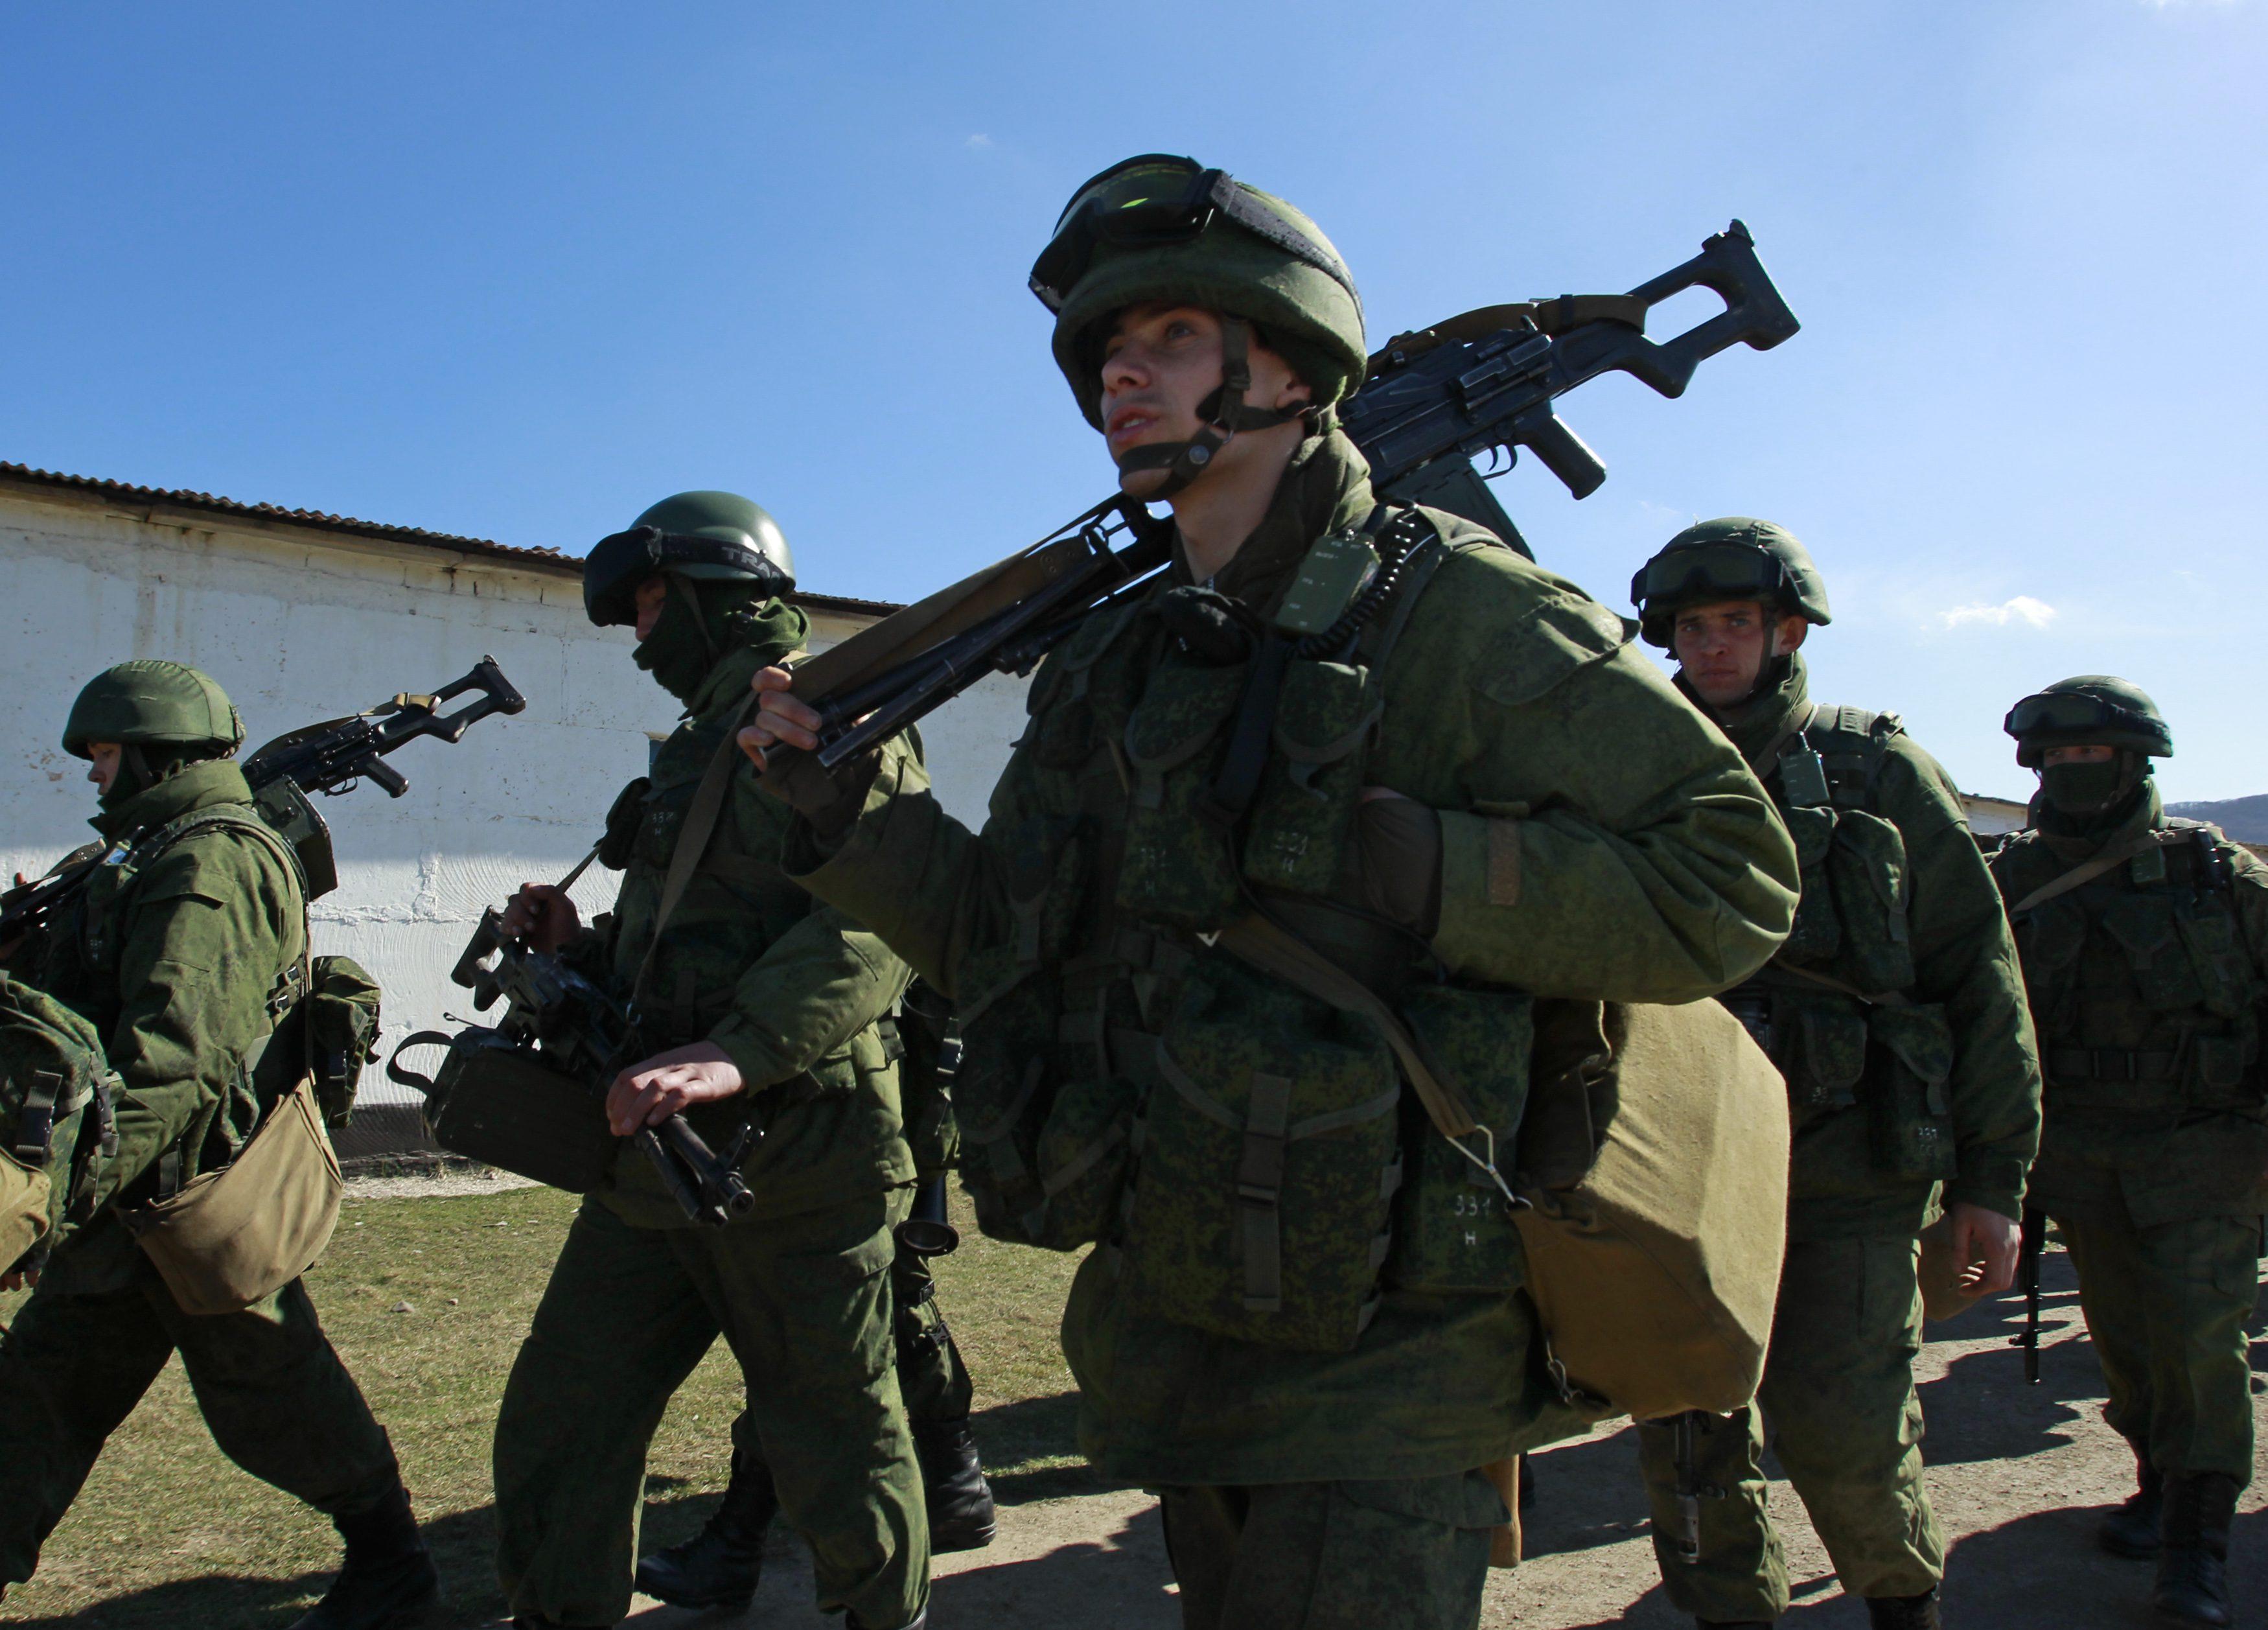 СРОЧНО! Росавиация созывает экстренное совещание силовиков РФ, ждут Путина! Из-за инфы о учебных ракетных стрельбах Украины в районе Симферополя